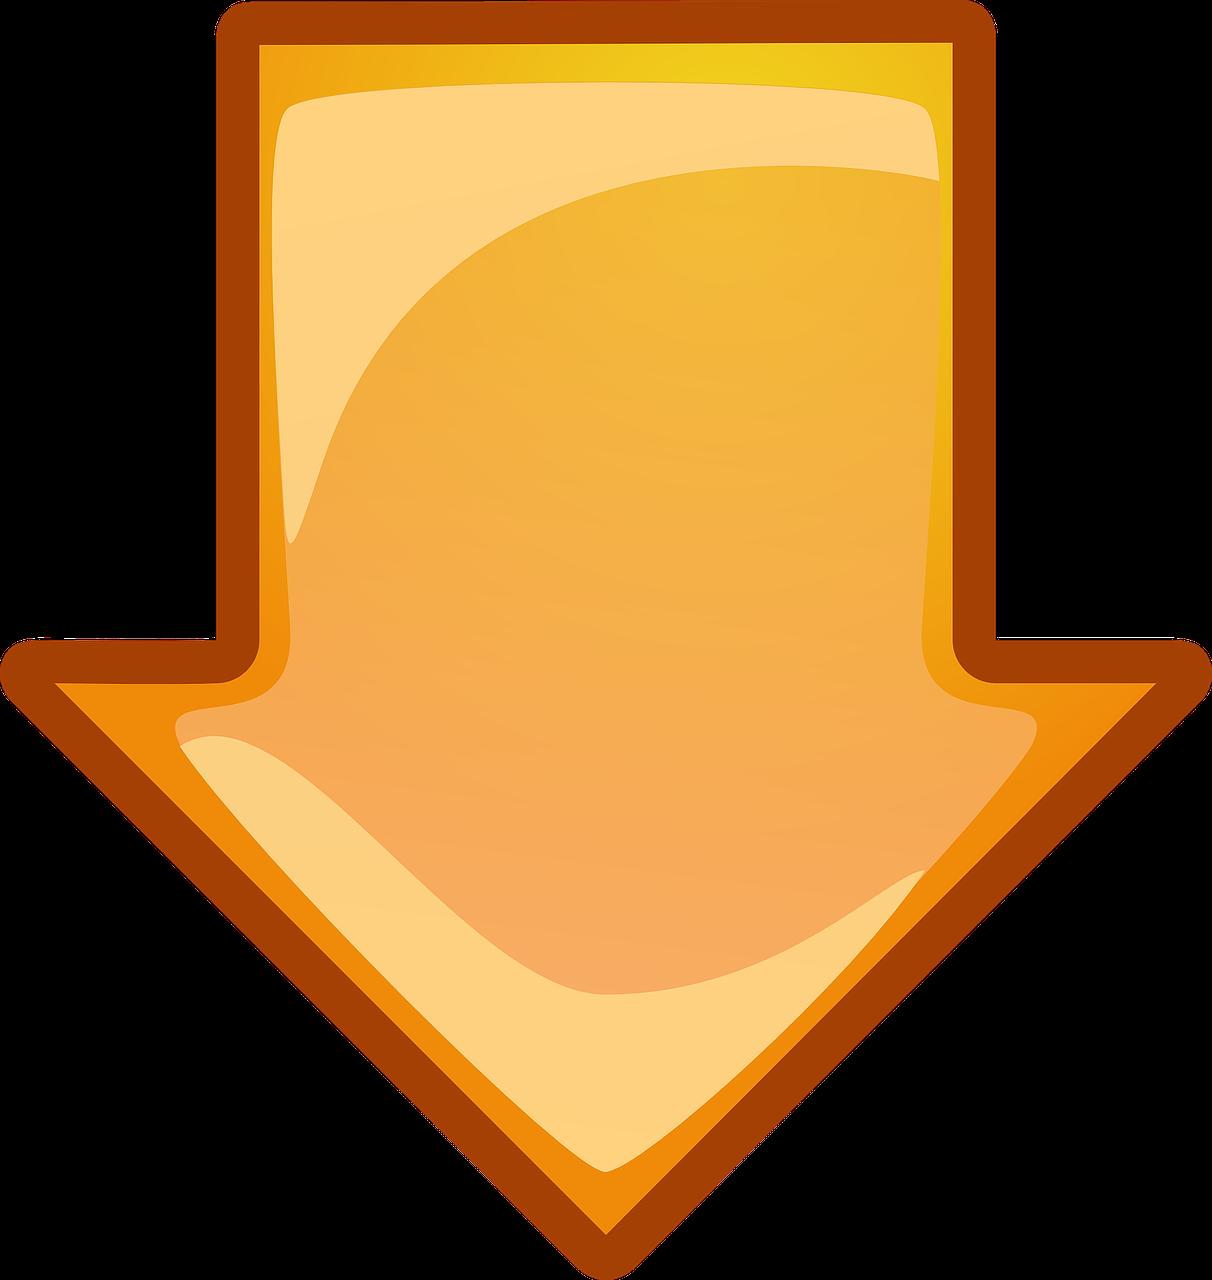 arrow-31178_1280